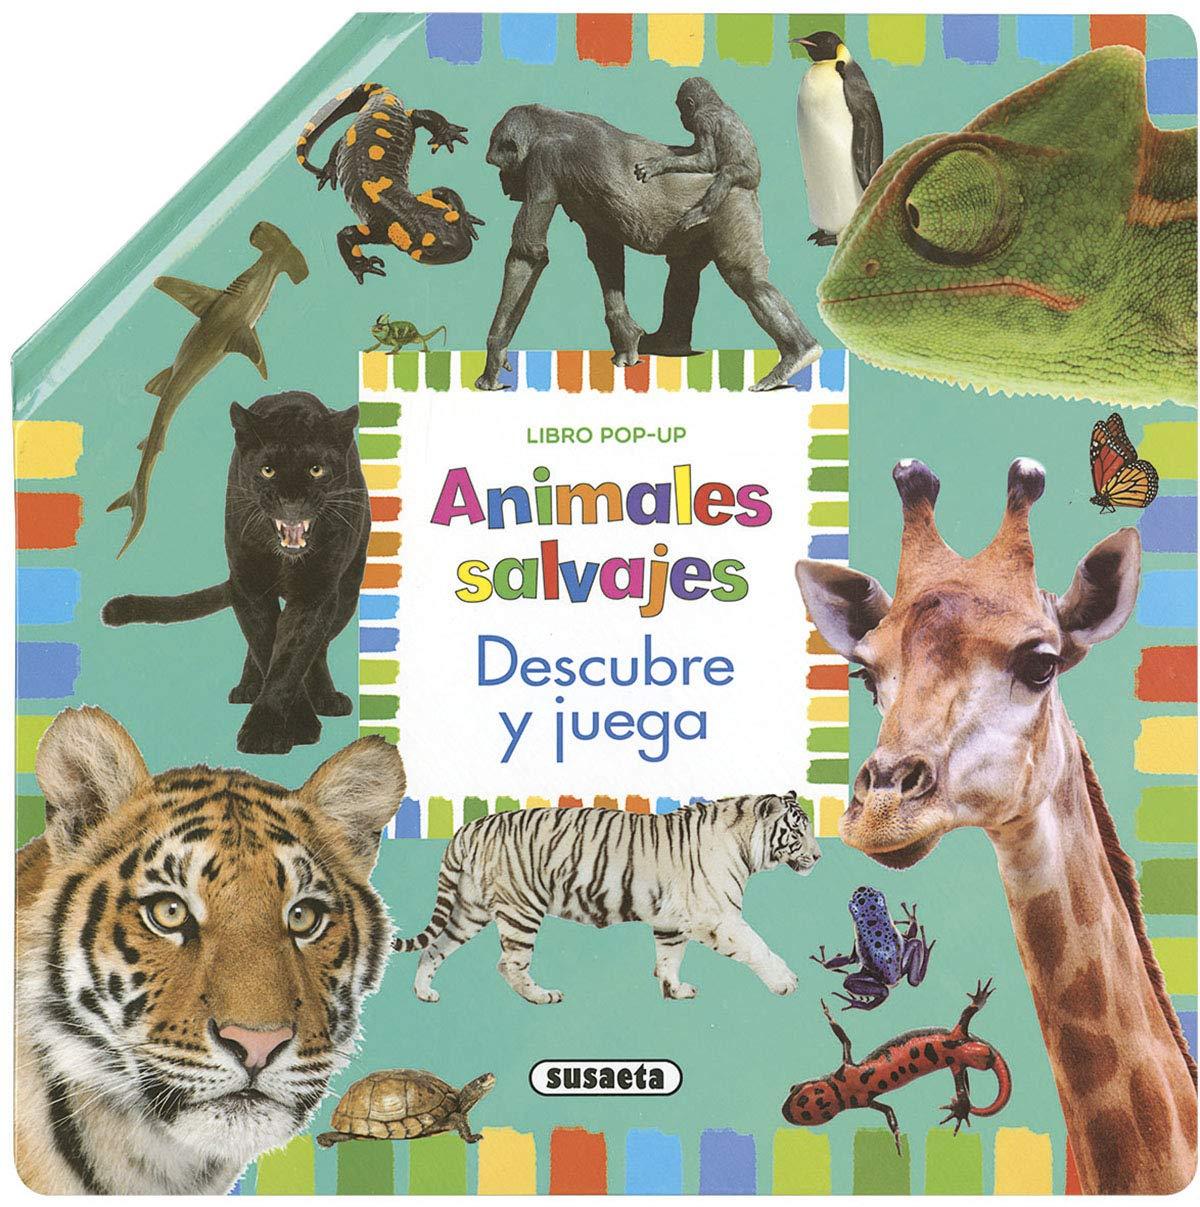 Animales Salvajes (Pop-up descubre y juega): Amazon.es: Talavera, Estelle: Libros